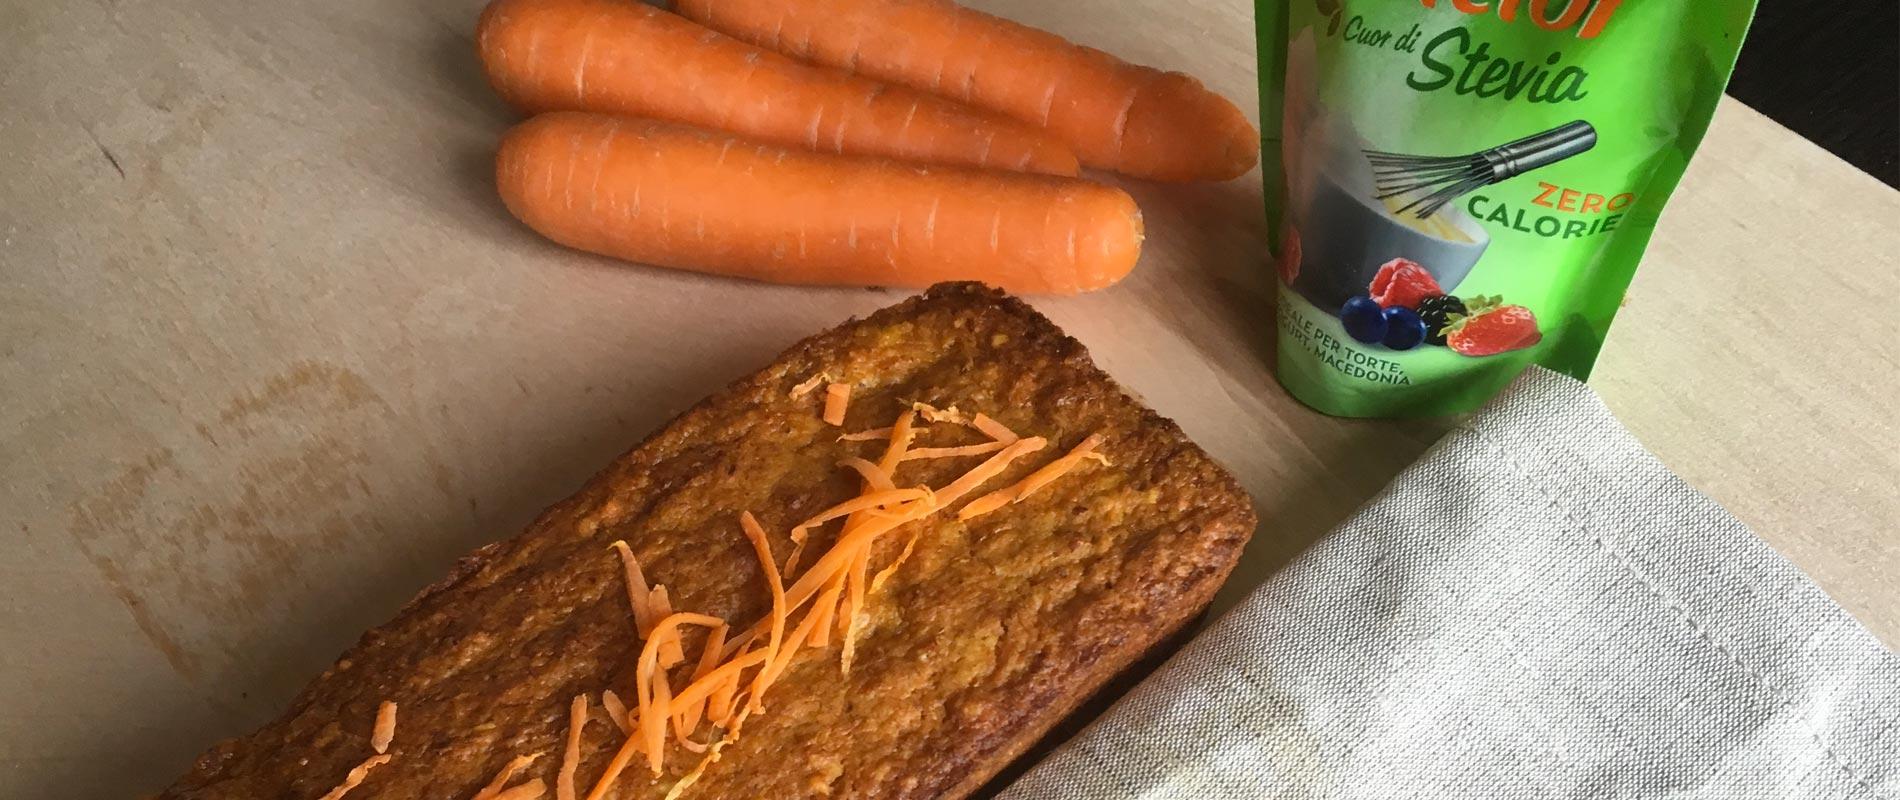 Torta alle carote con My Dietor Cuor di Stevia Sfuso